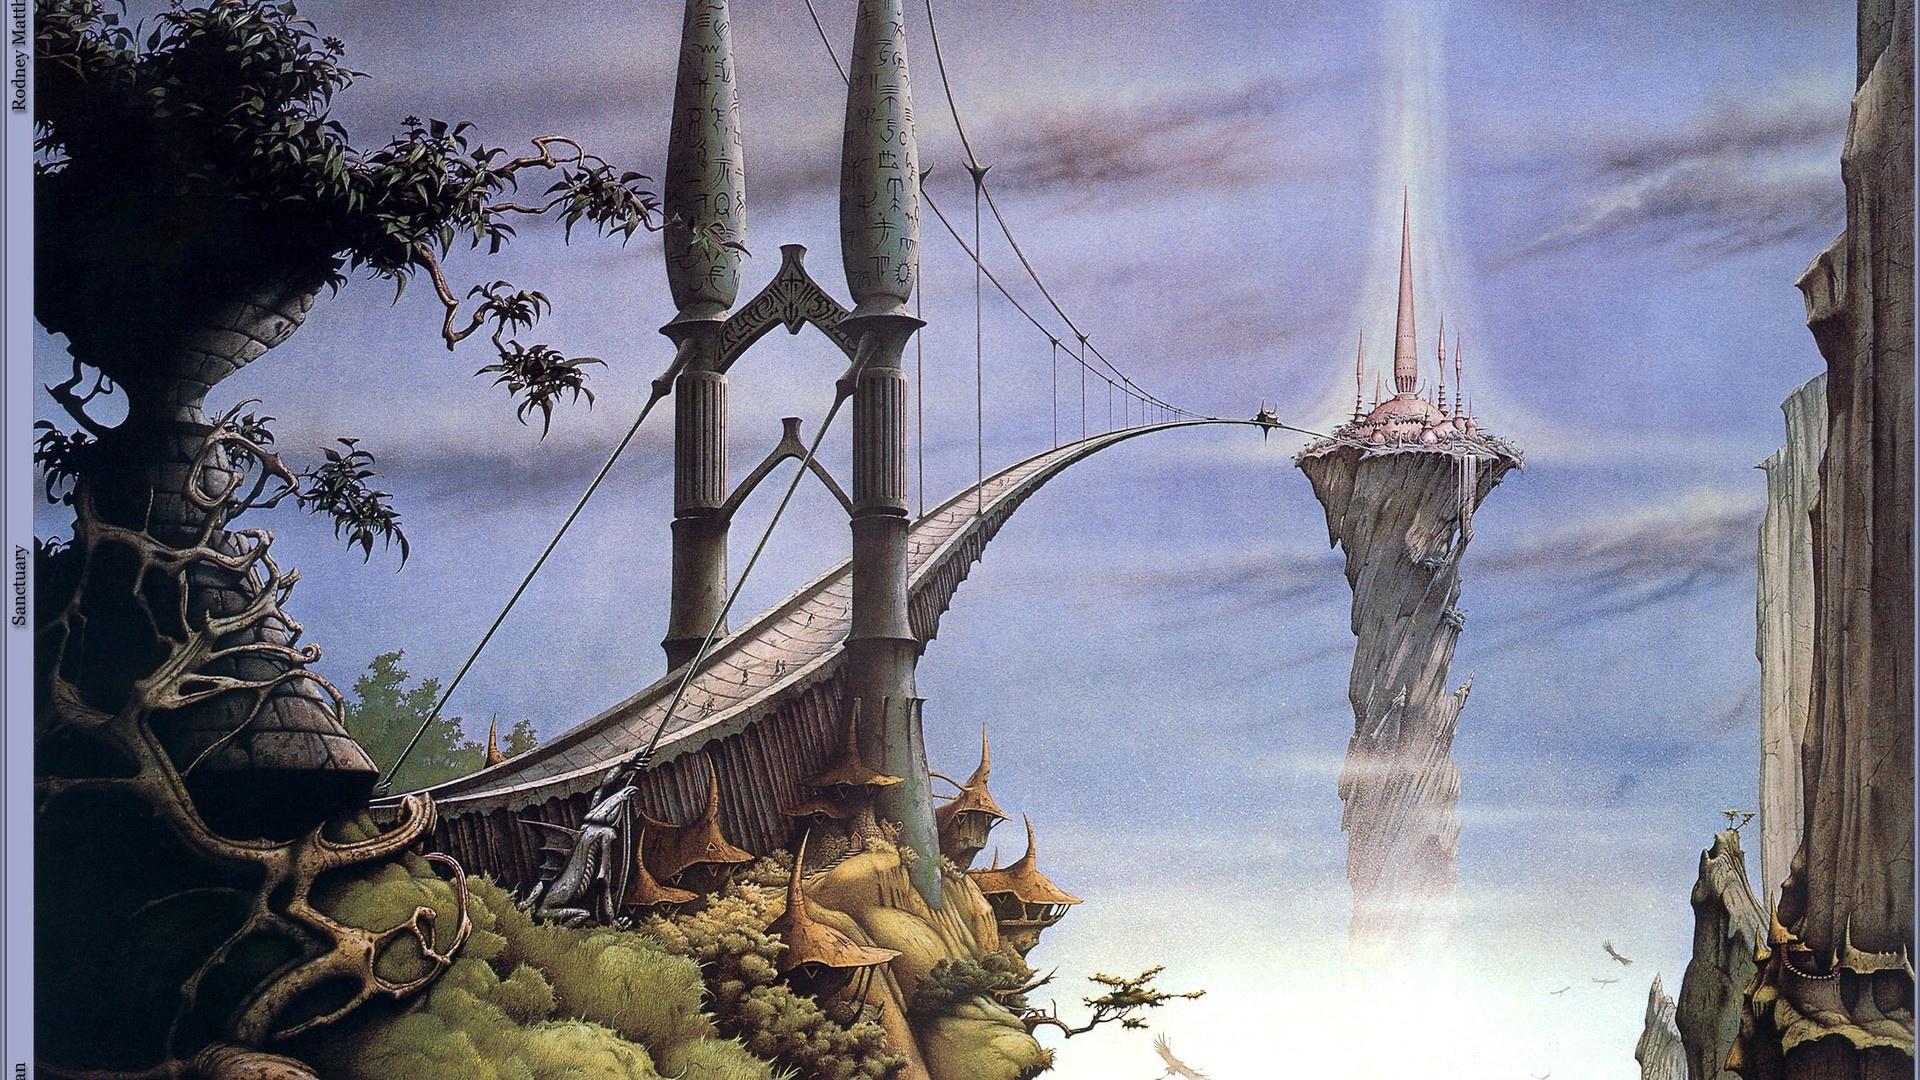 Fantasy art magic island bridges wallpaper 1920x1080 28942 1920x1080